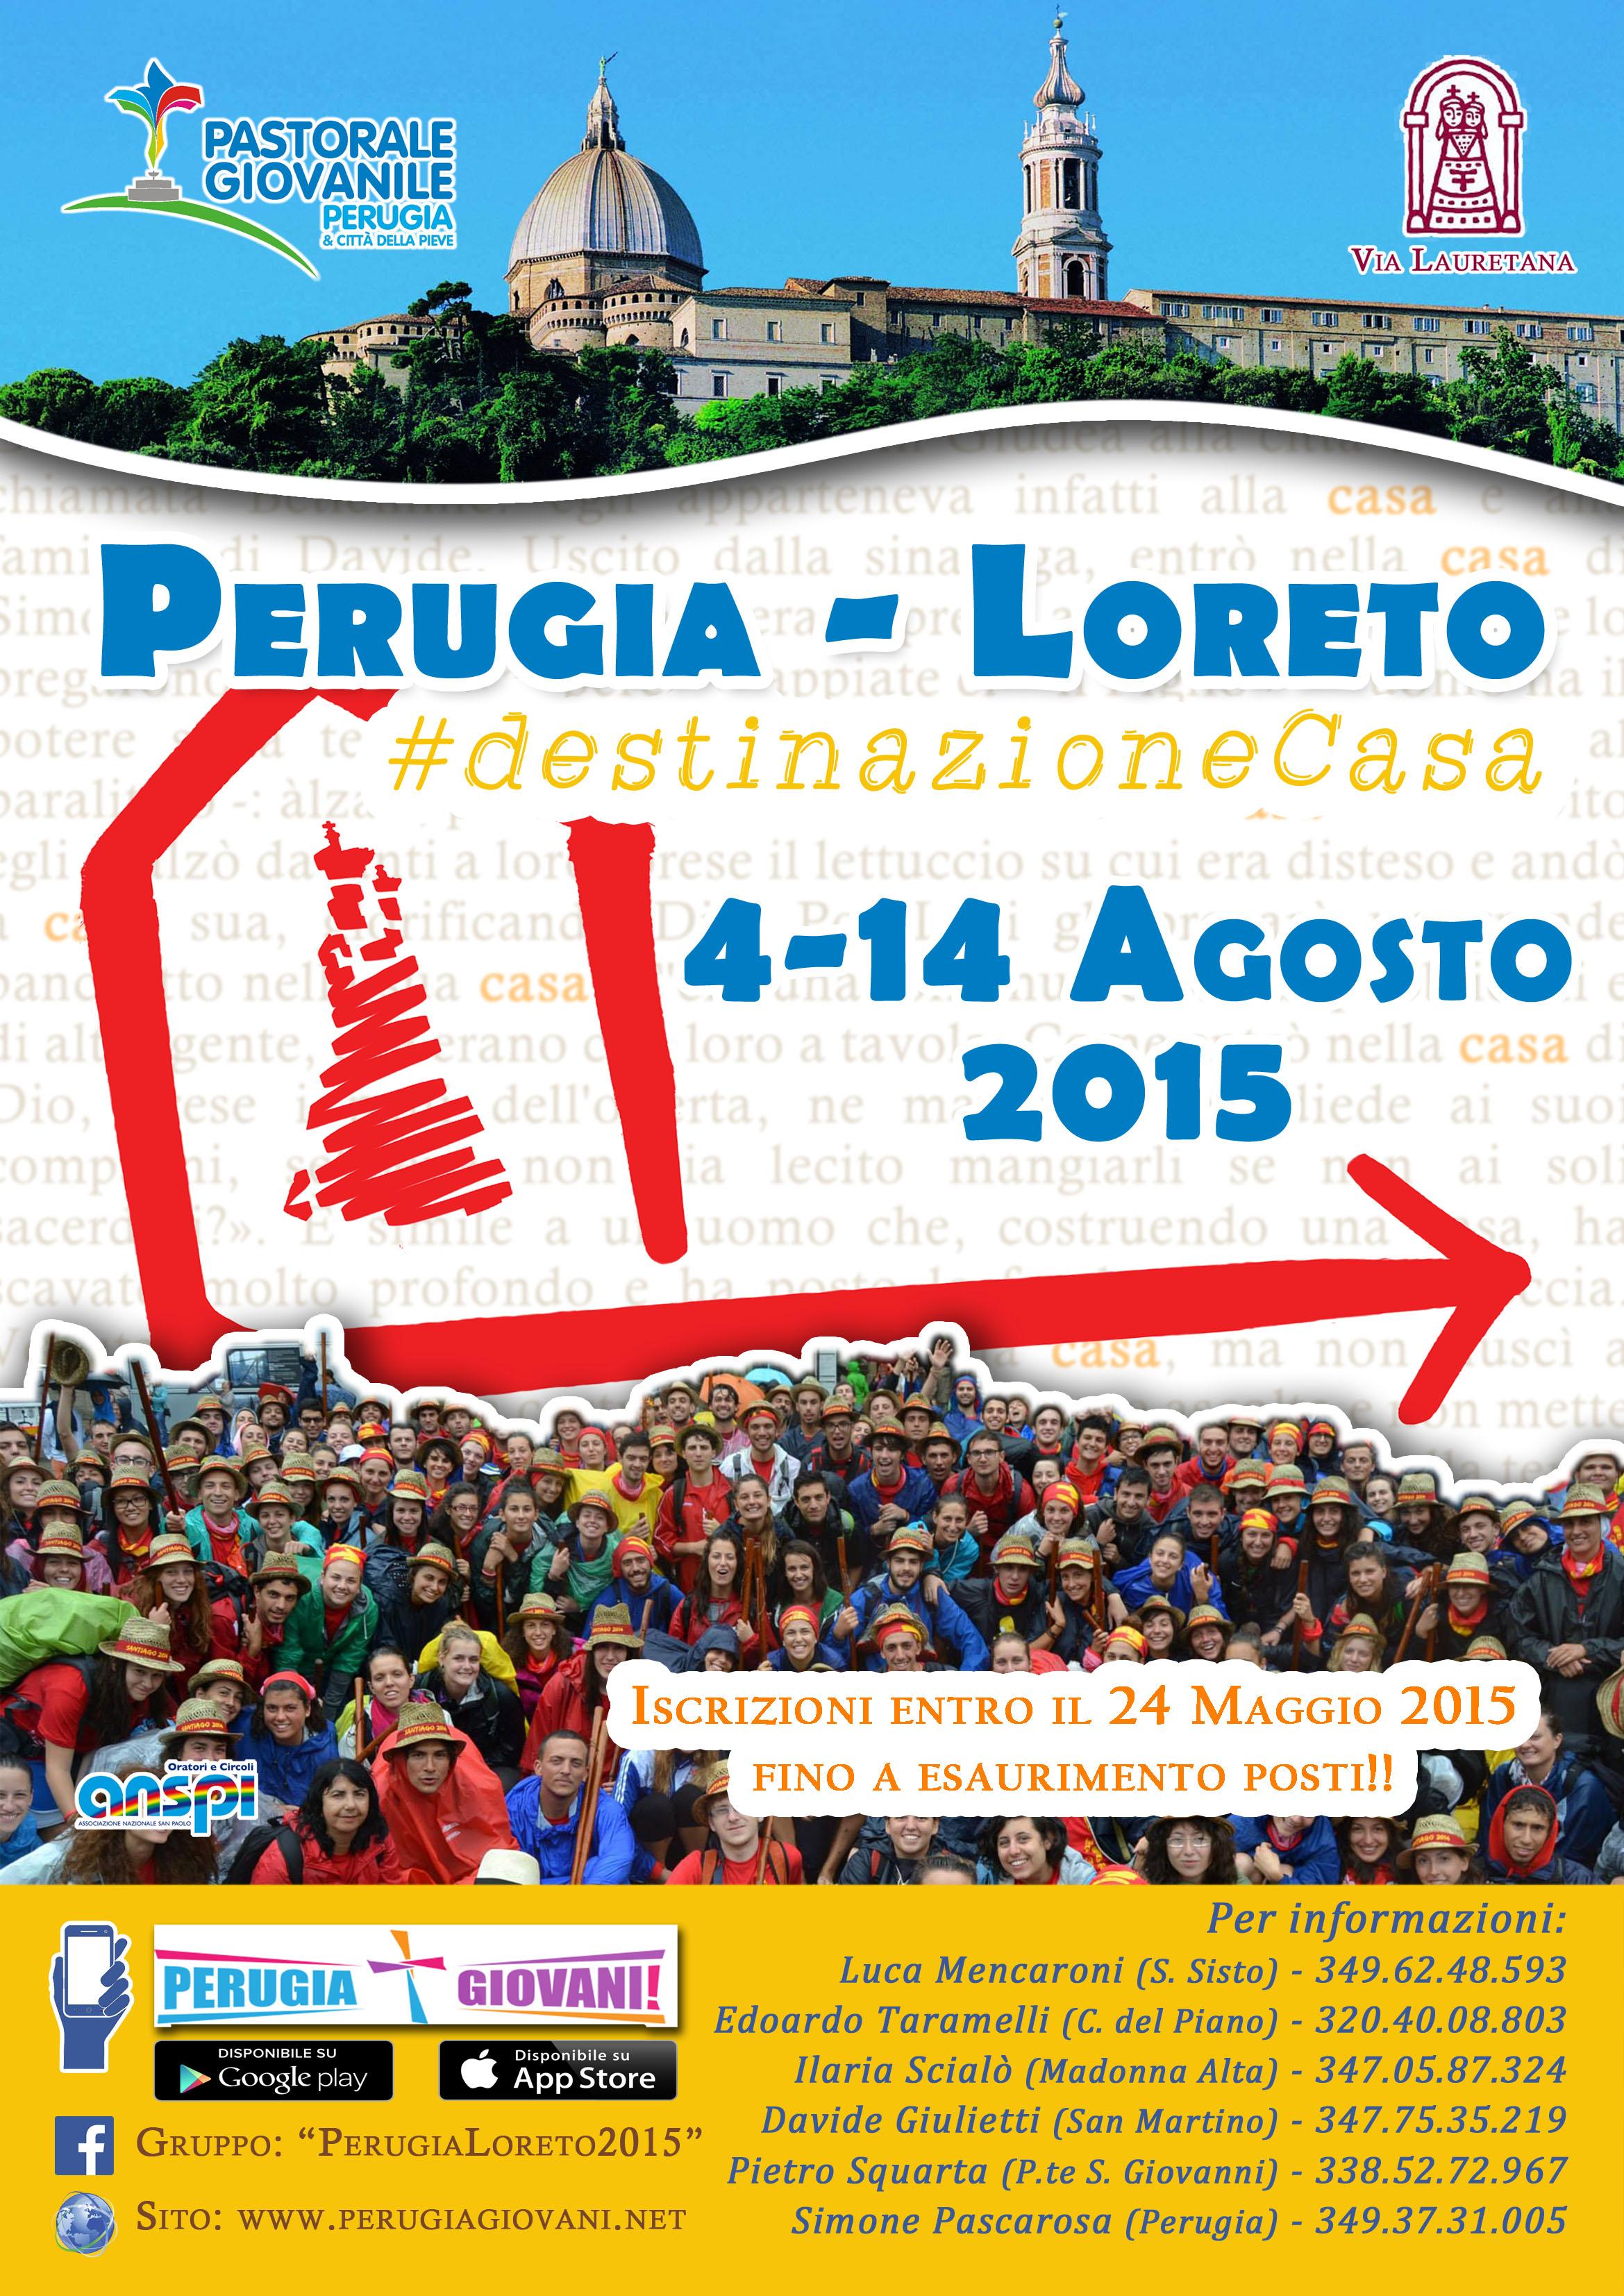 Perugia-Loreto 2015: Iscrizioni Aperte!